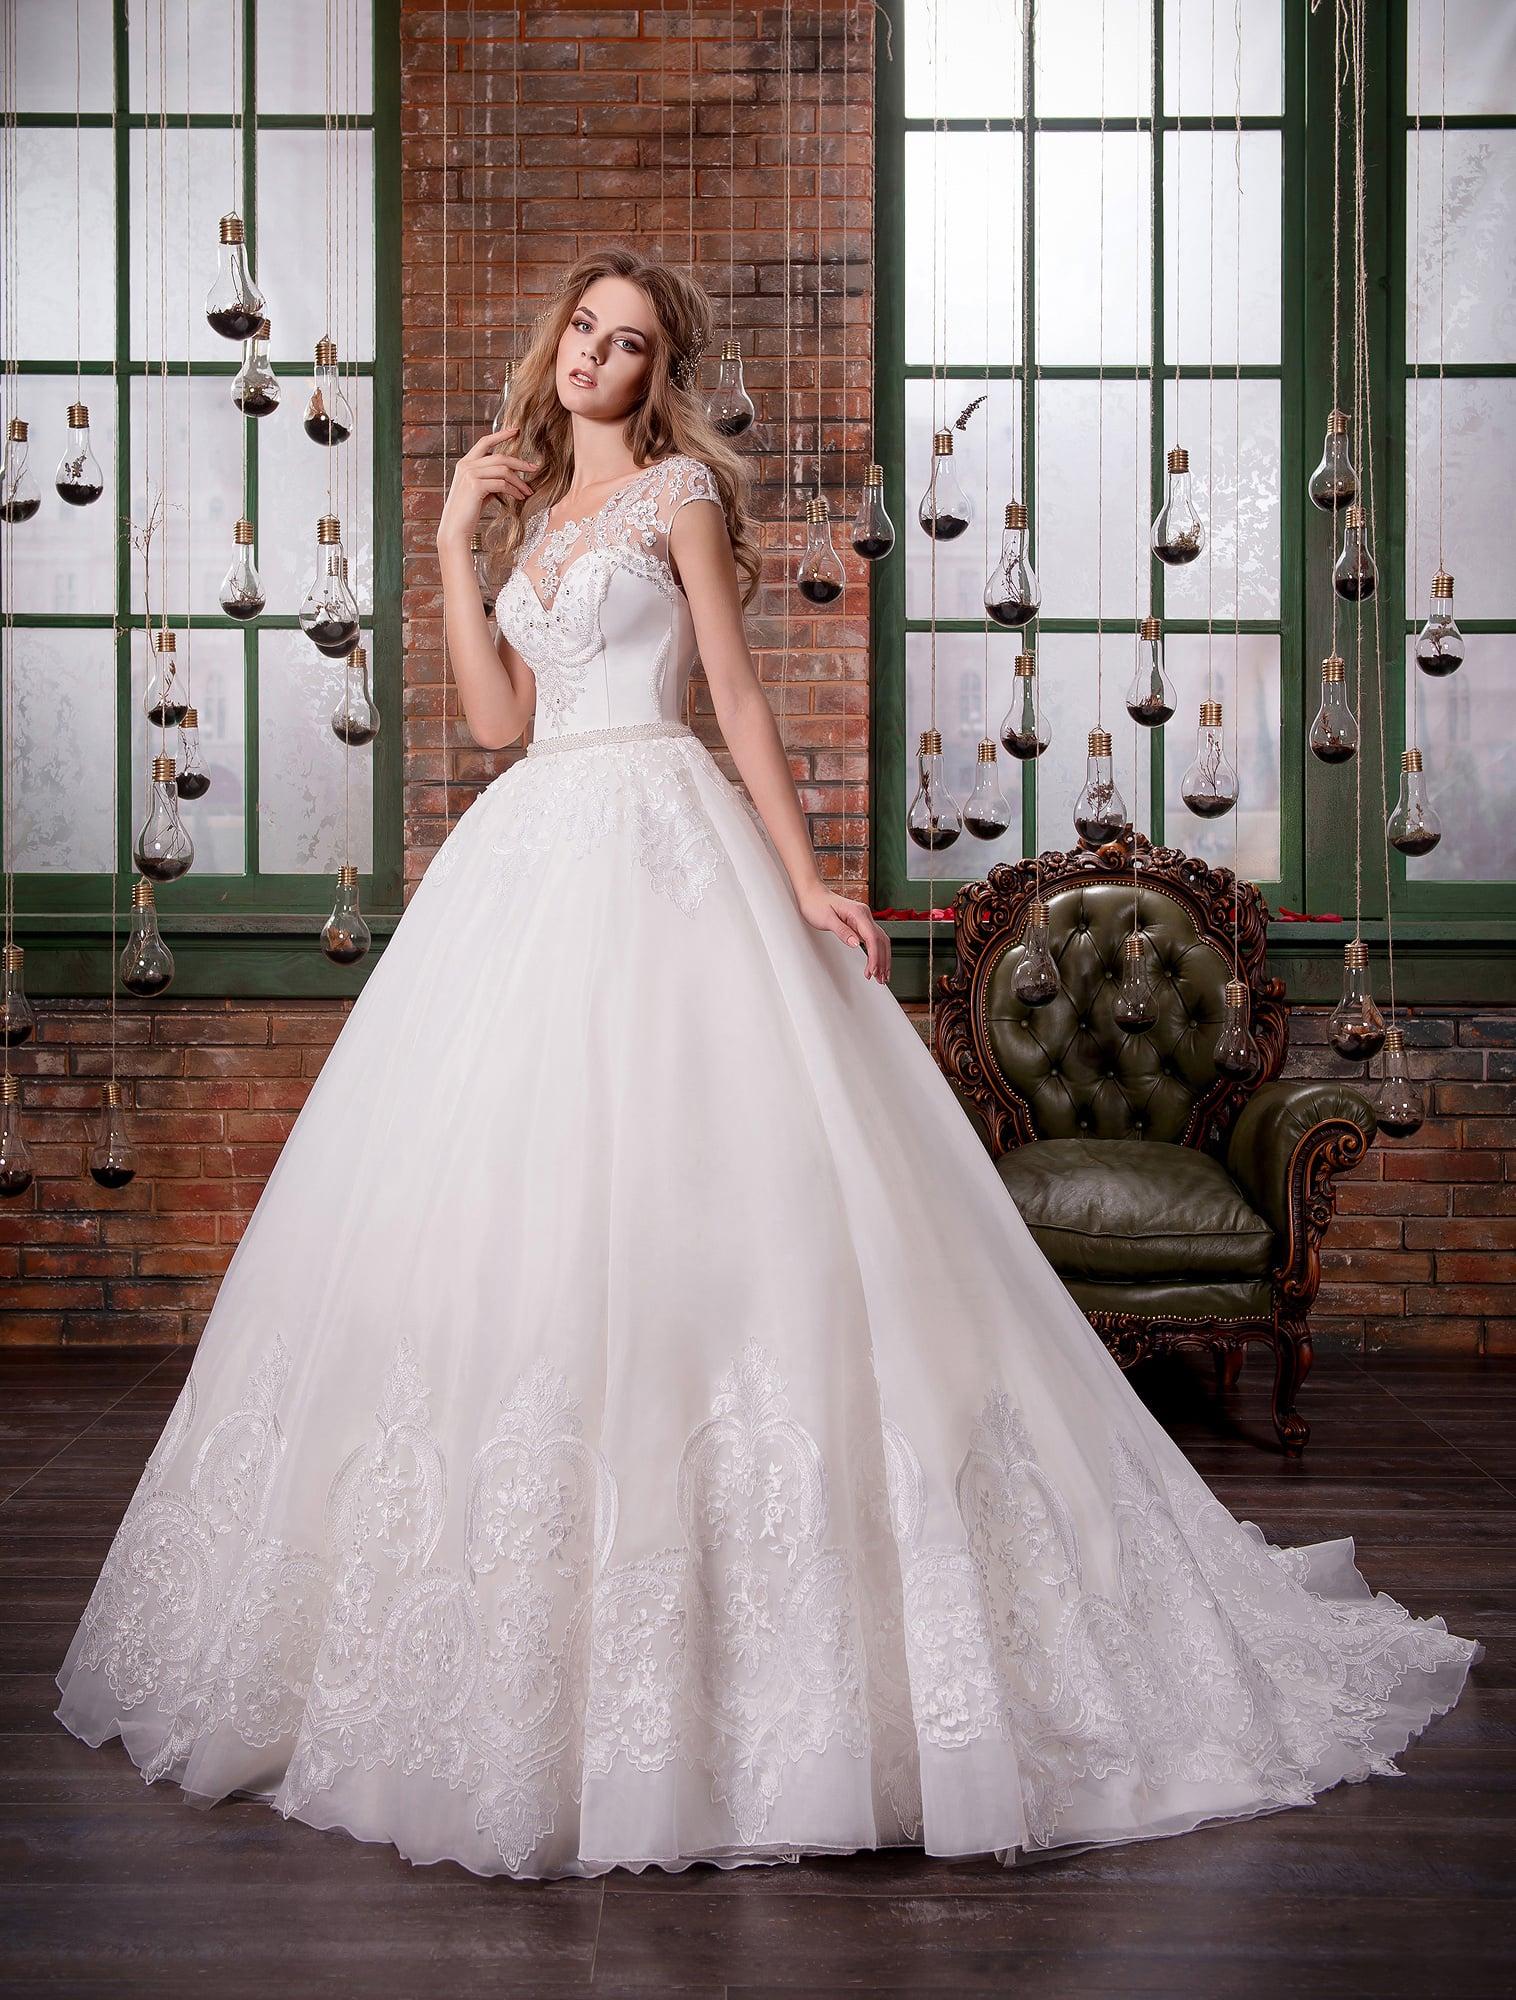 dea50a10105 Свадебное платье Pentelei 1403 ▷ Свадебный Торговый Центр Вега в Москве